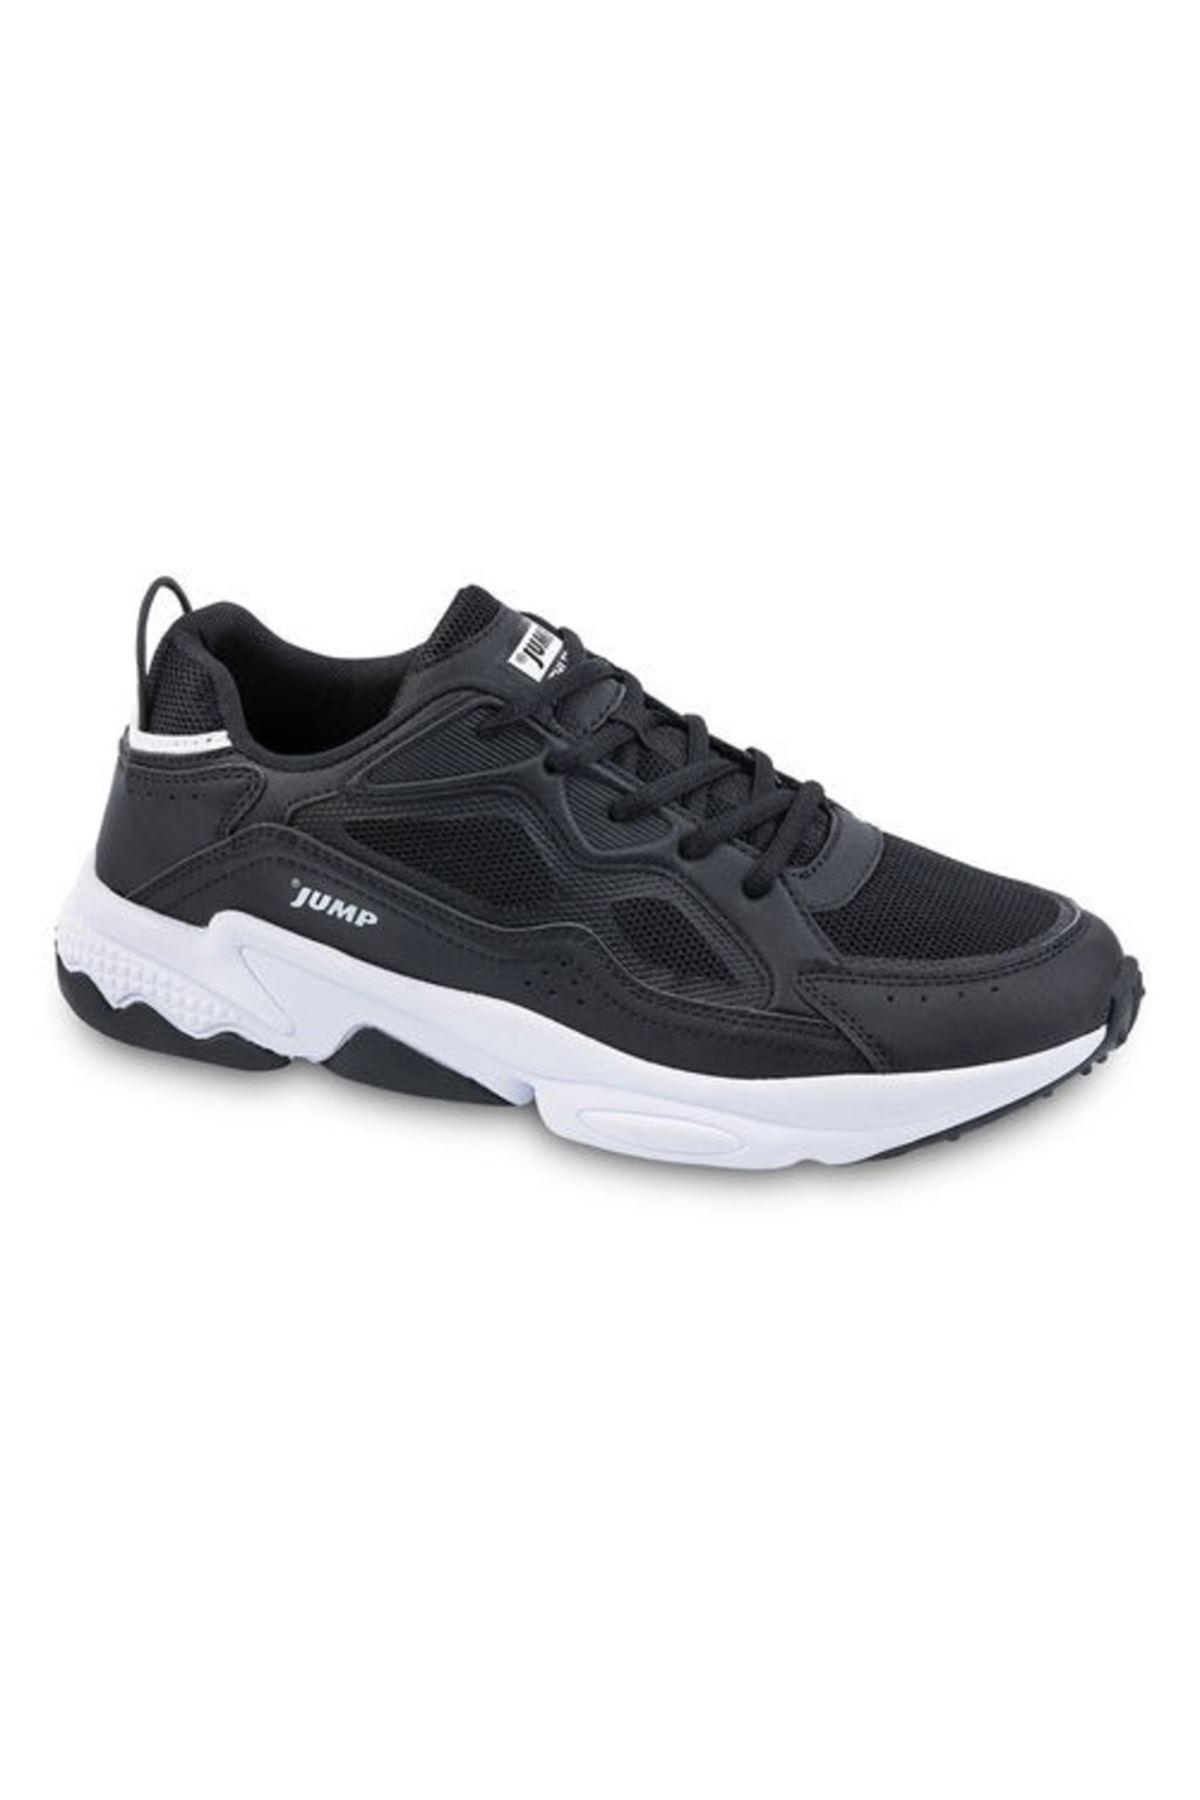 Jump 30541 Comfort System Yürüyüş Koşu Spor Ayakkabı